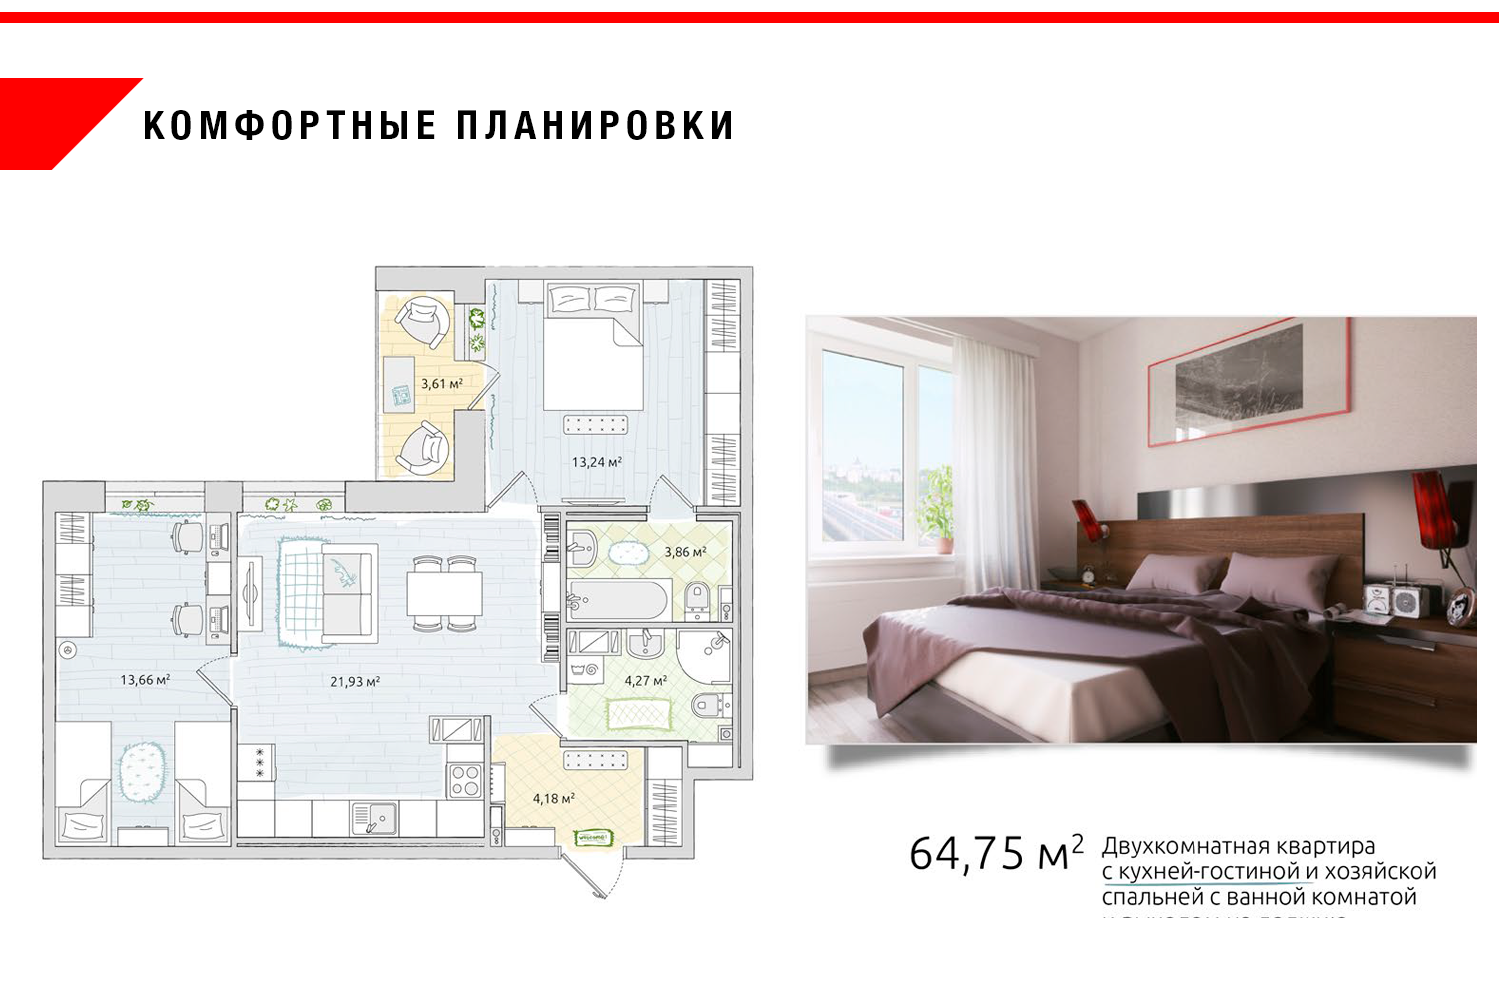 chernaya_rechka_25.png